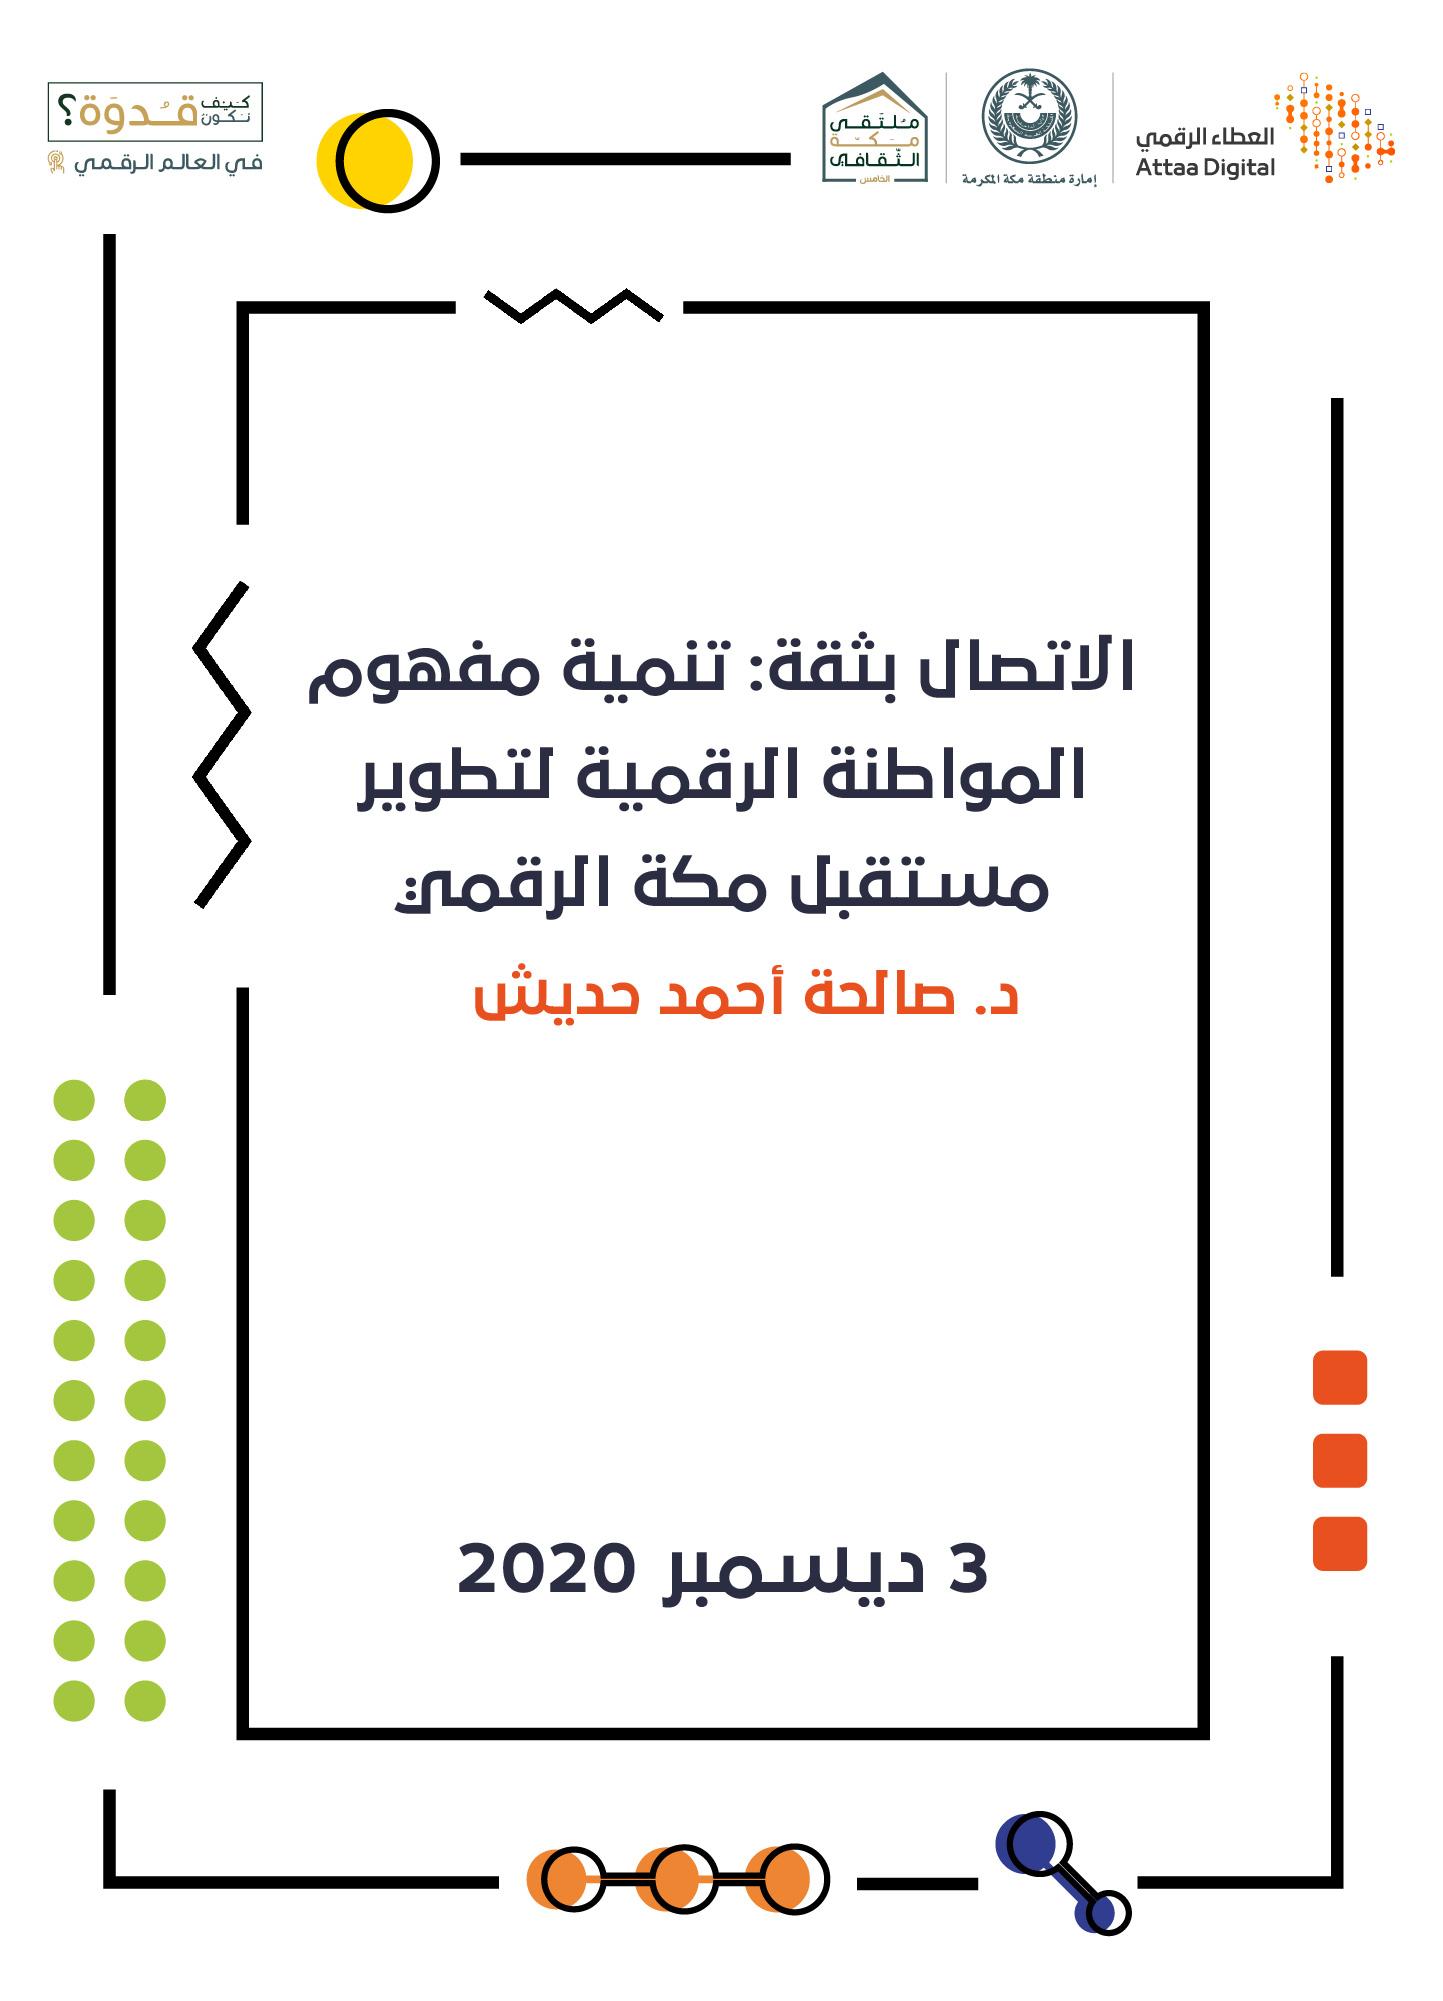 الاتصال بثقة: تنمية مفهوم المواطنة الرقمية لتطوير مستقبل مكة الرقمي